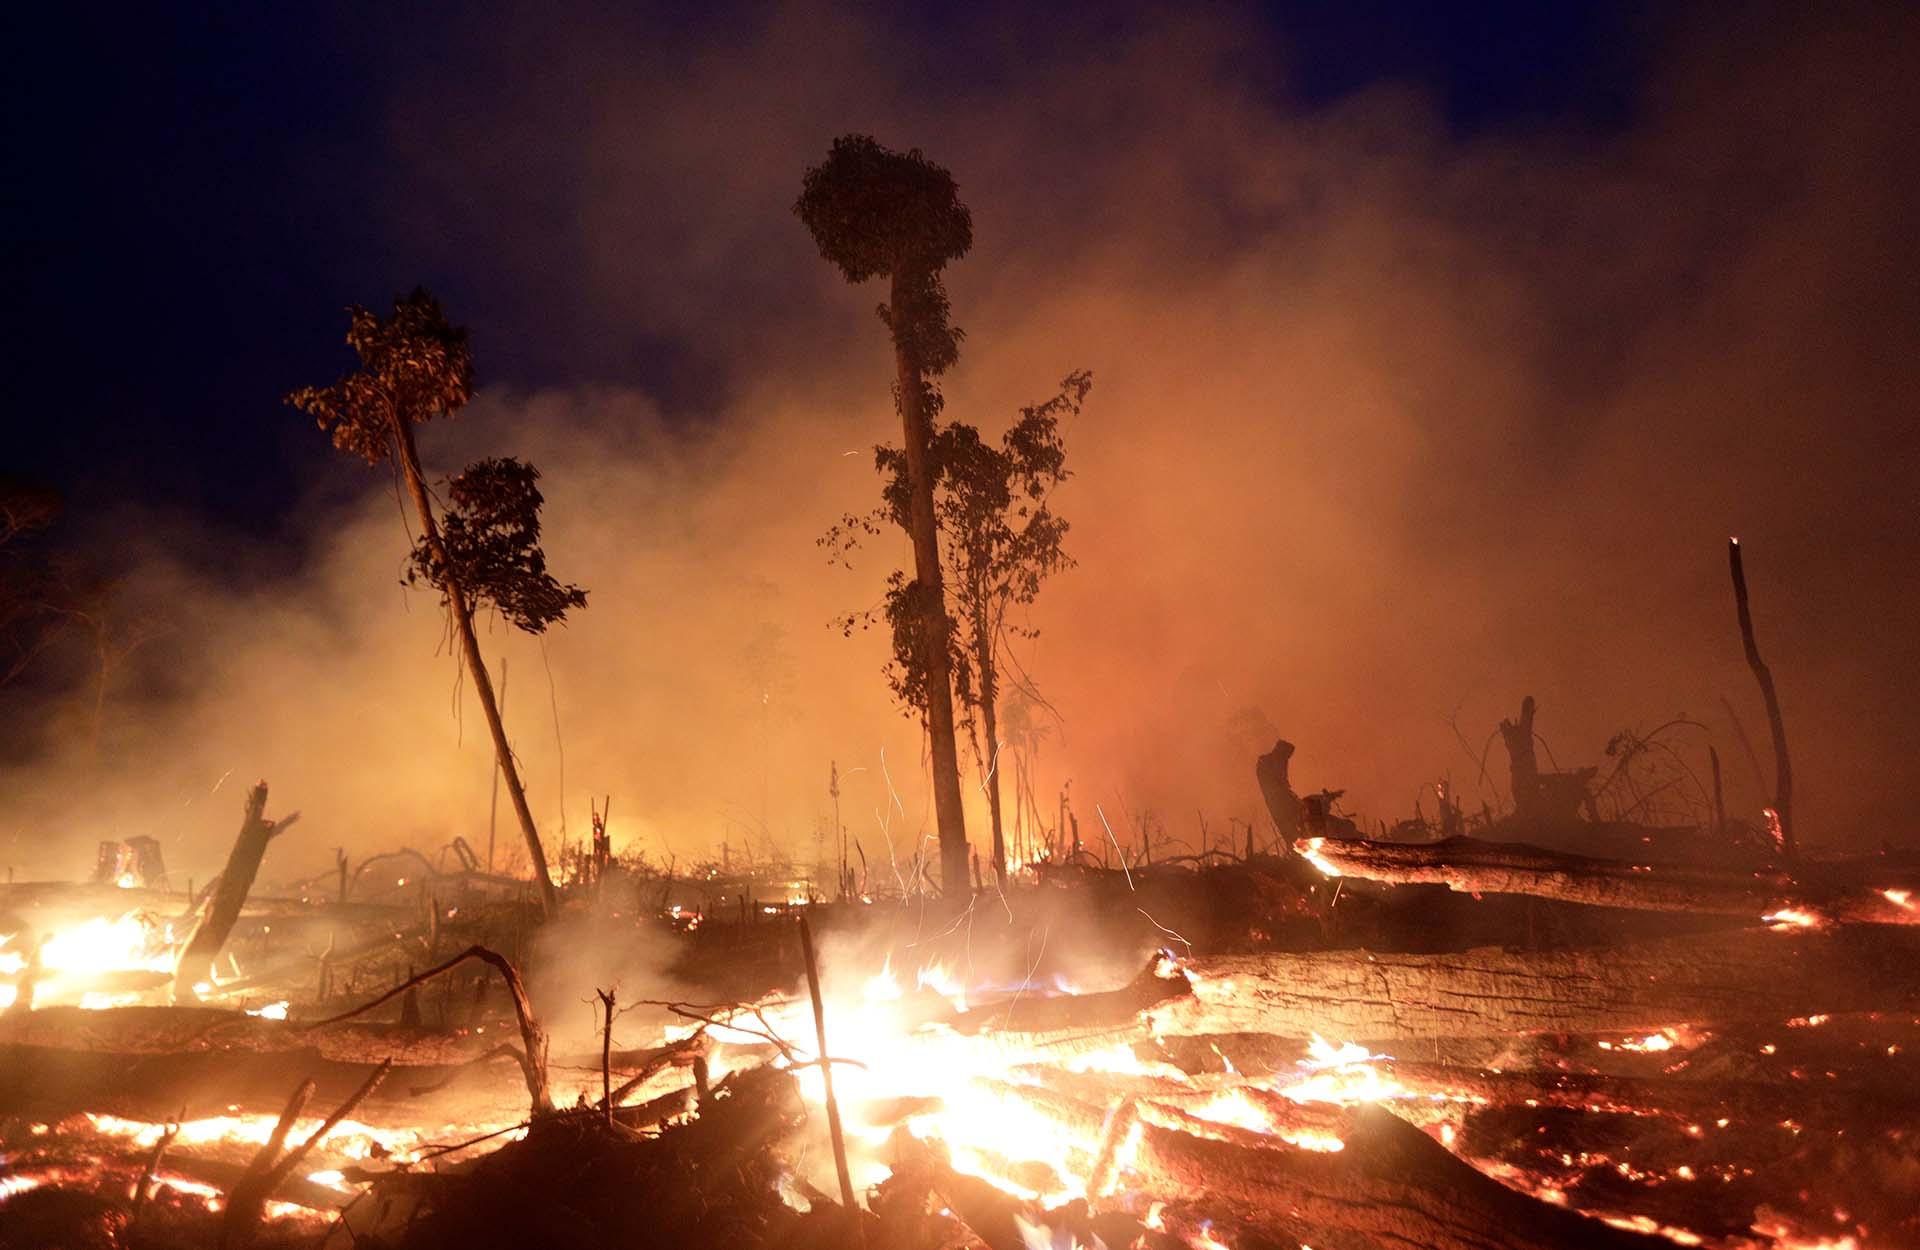 Humo, fuego y árboles caídos: una postal que se repite en varias zonas del Amazonas